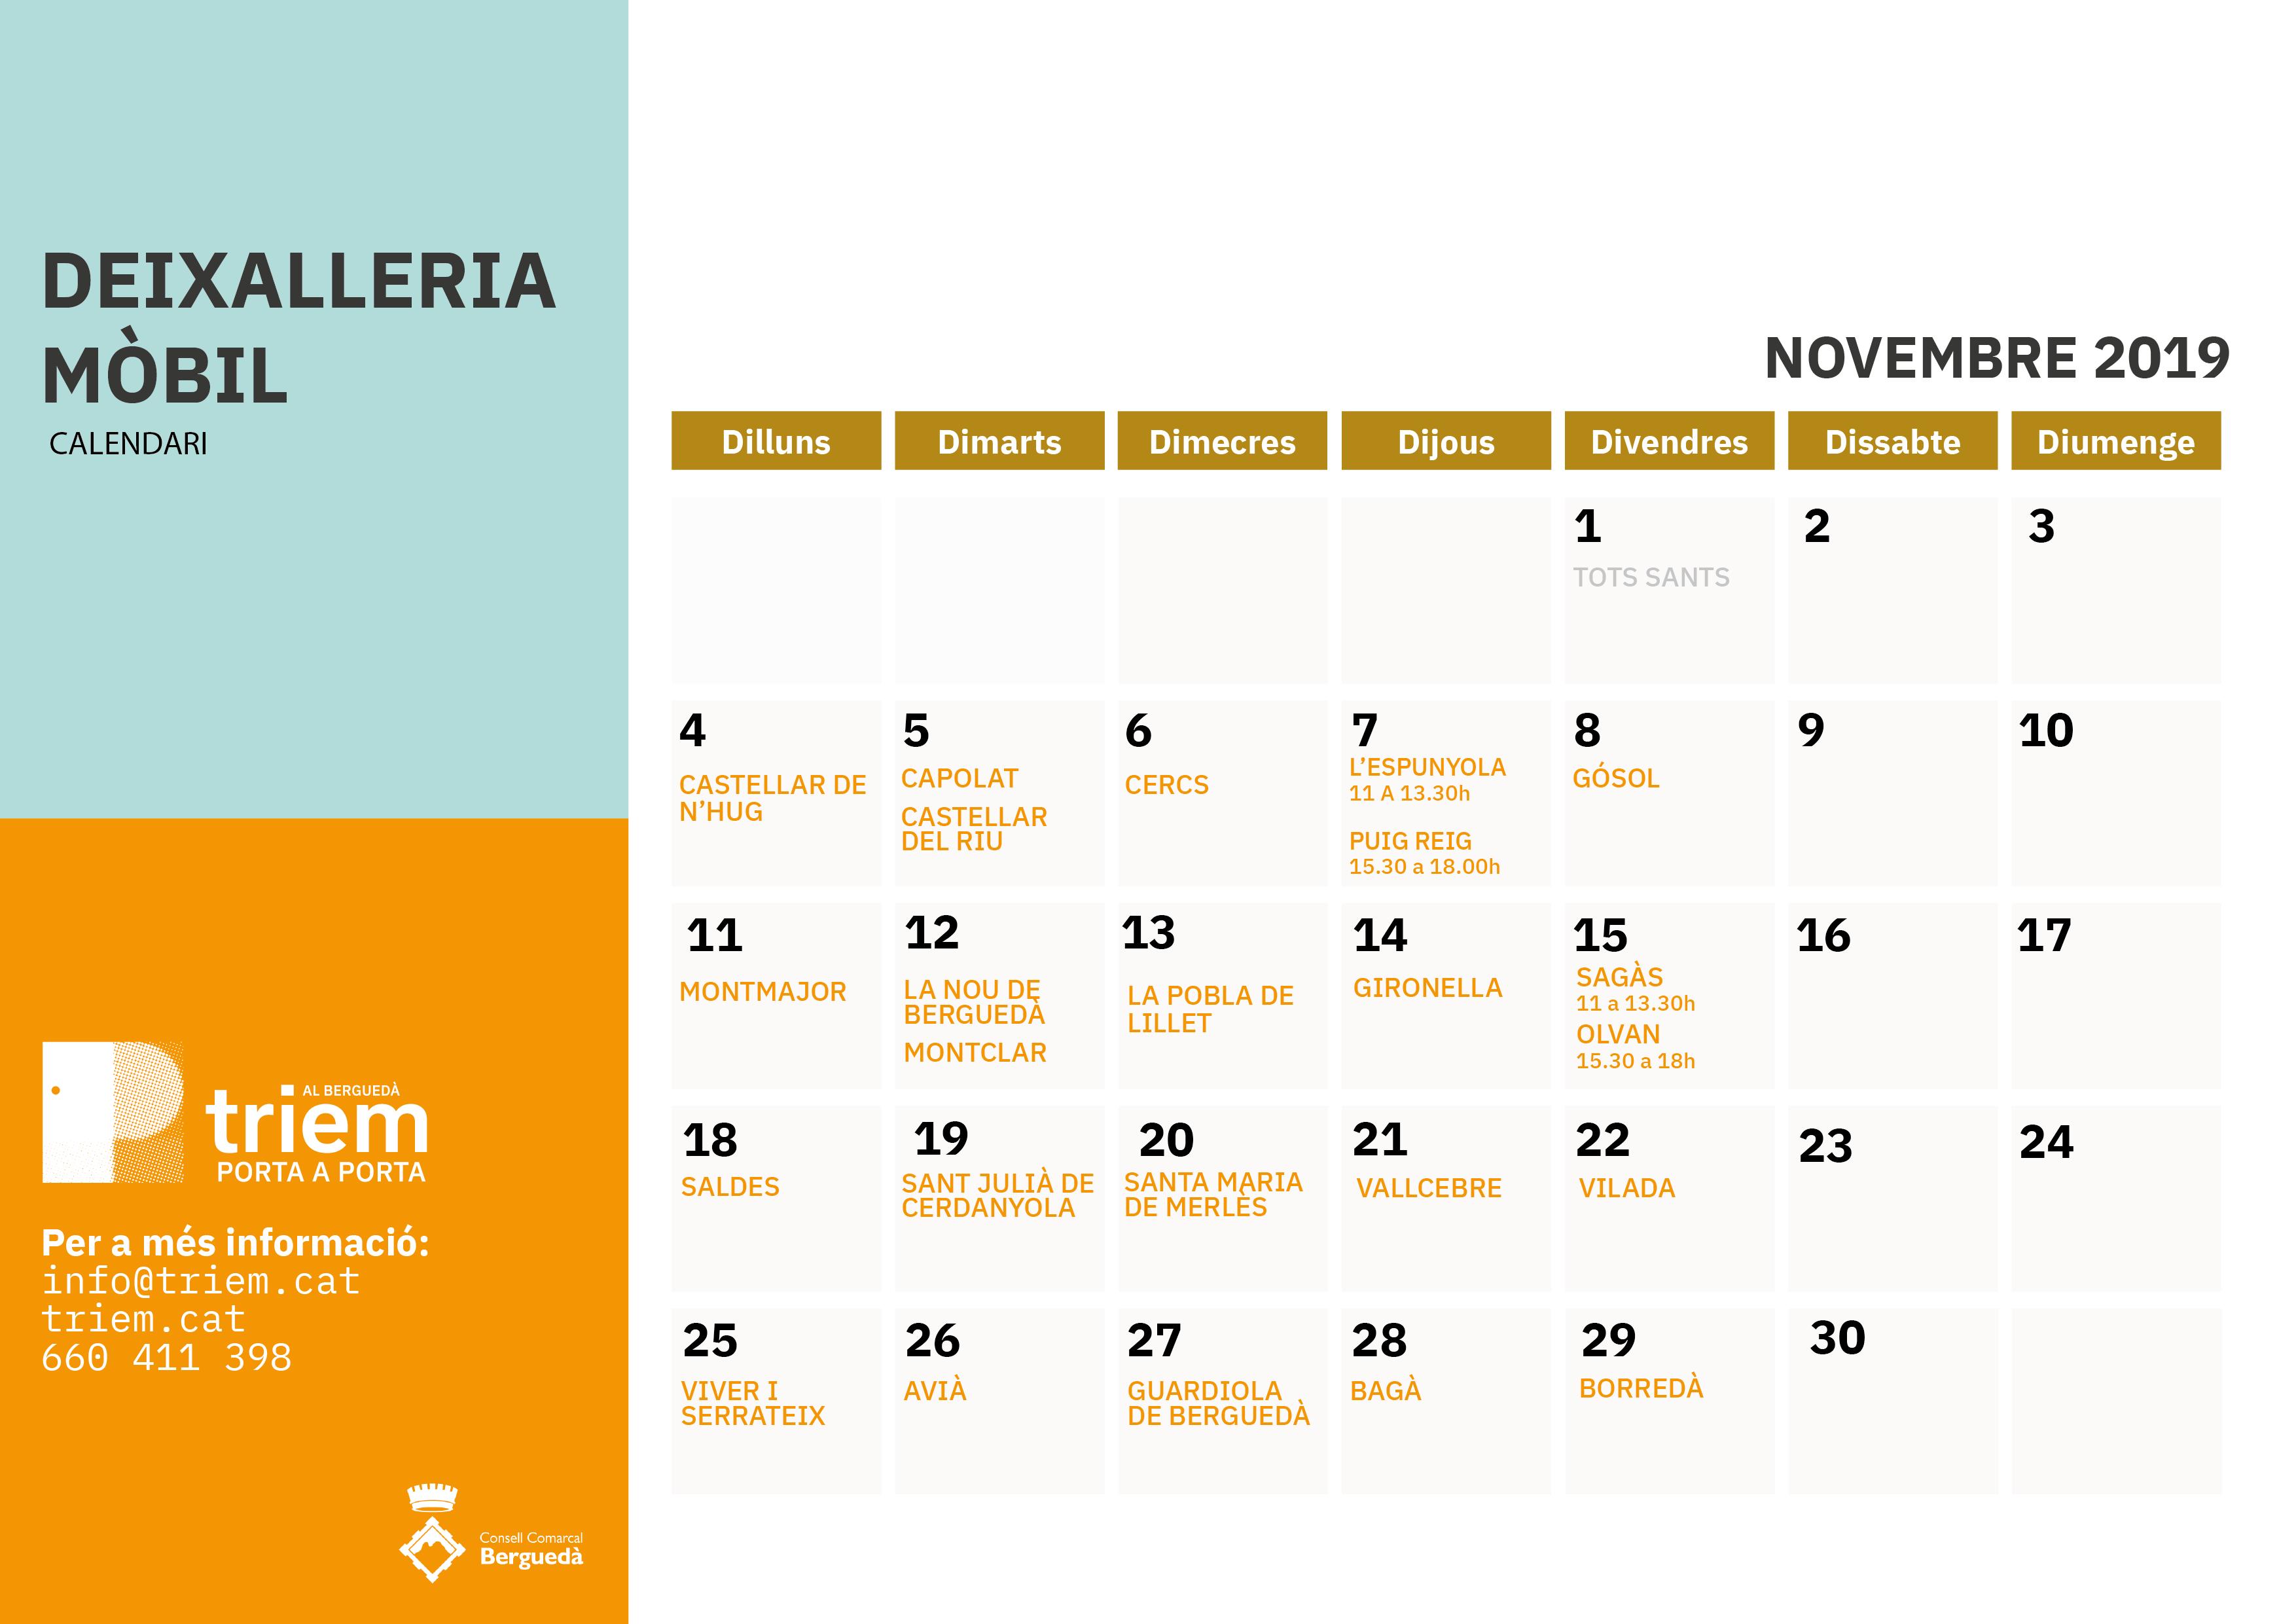 DEIXALLERIA MÒBIL NOVEMBRE 2019